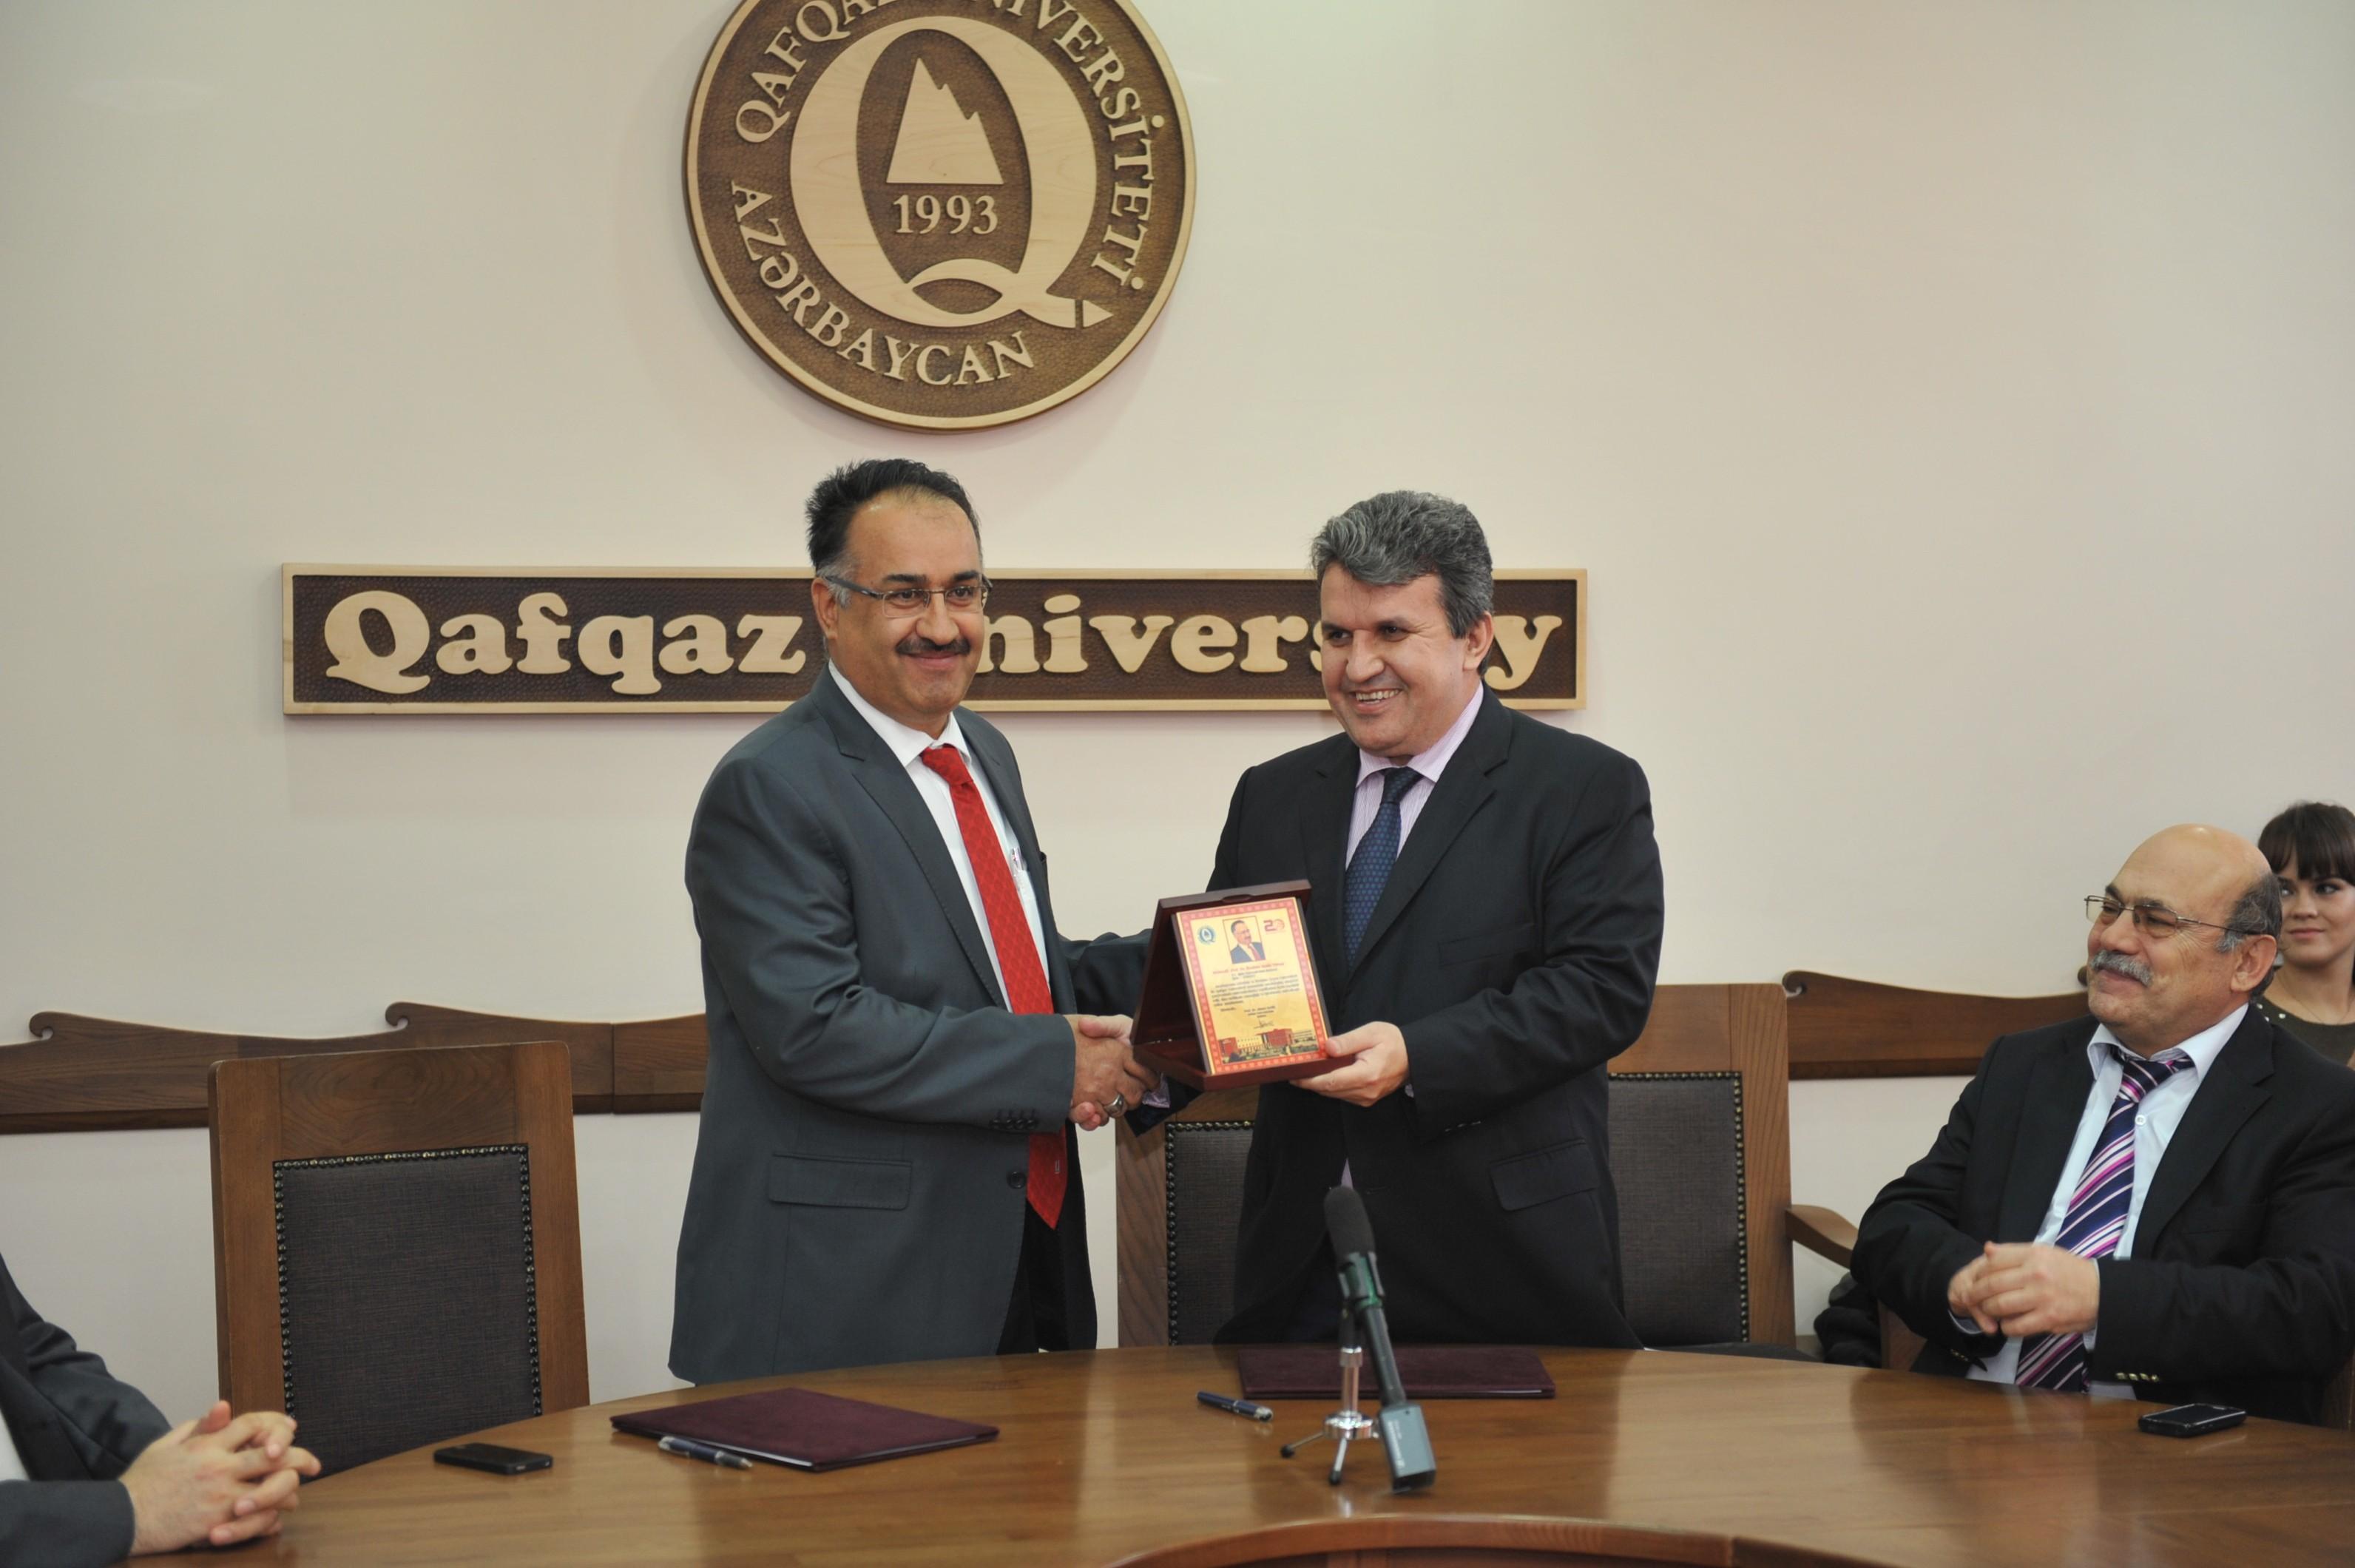 Qafqaz Universiteti ilə İğdır Universiteti arasında memorandum imzalanıb